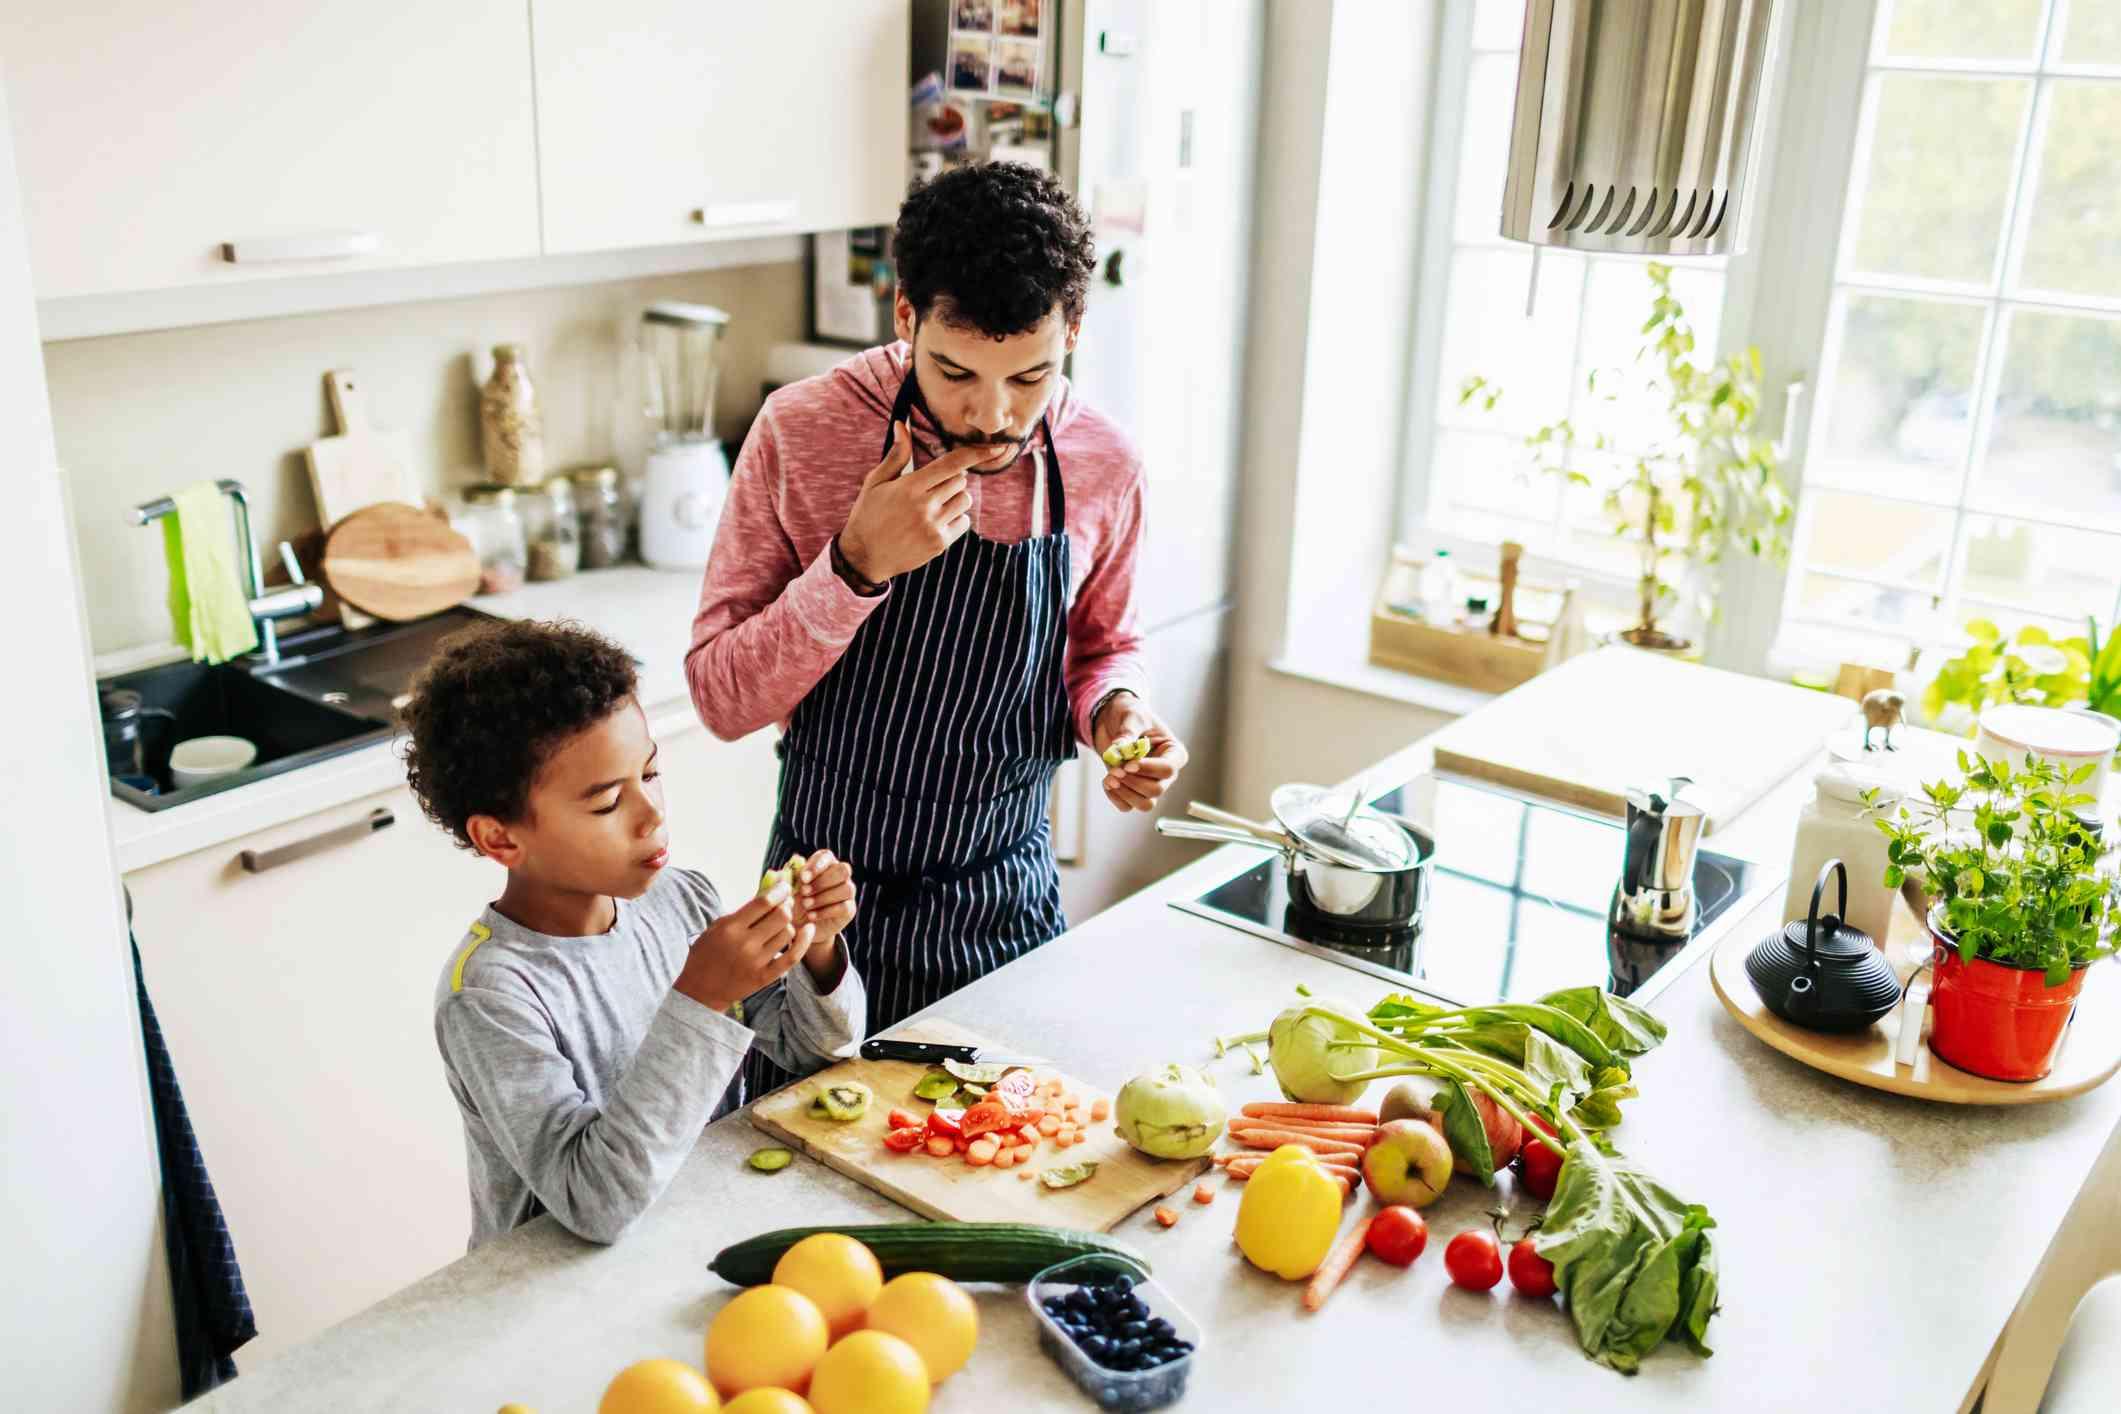 Papá comiendo bocadillos con su hijo mientras prepara un almuerzo saludable